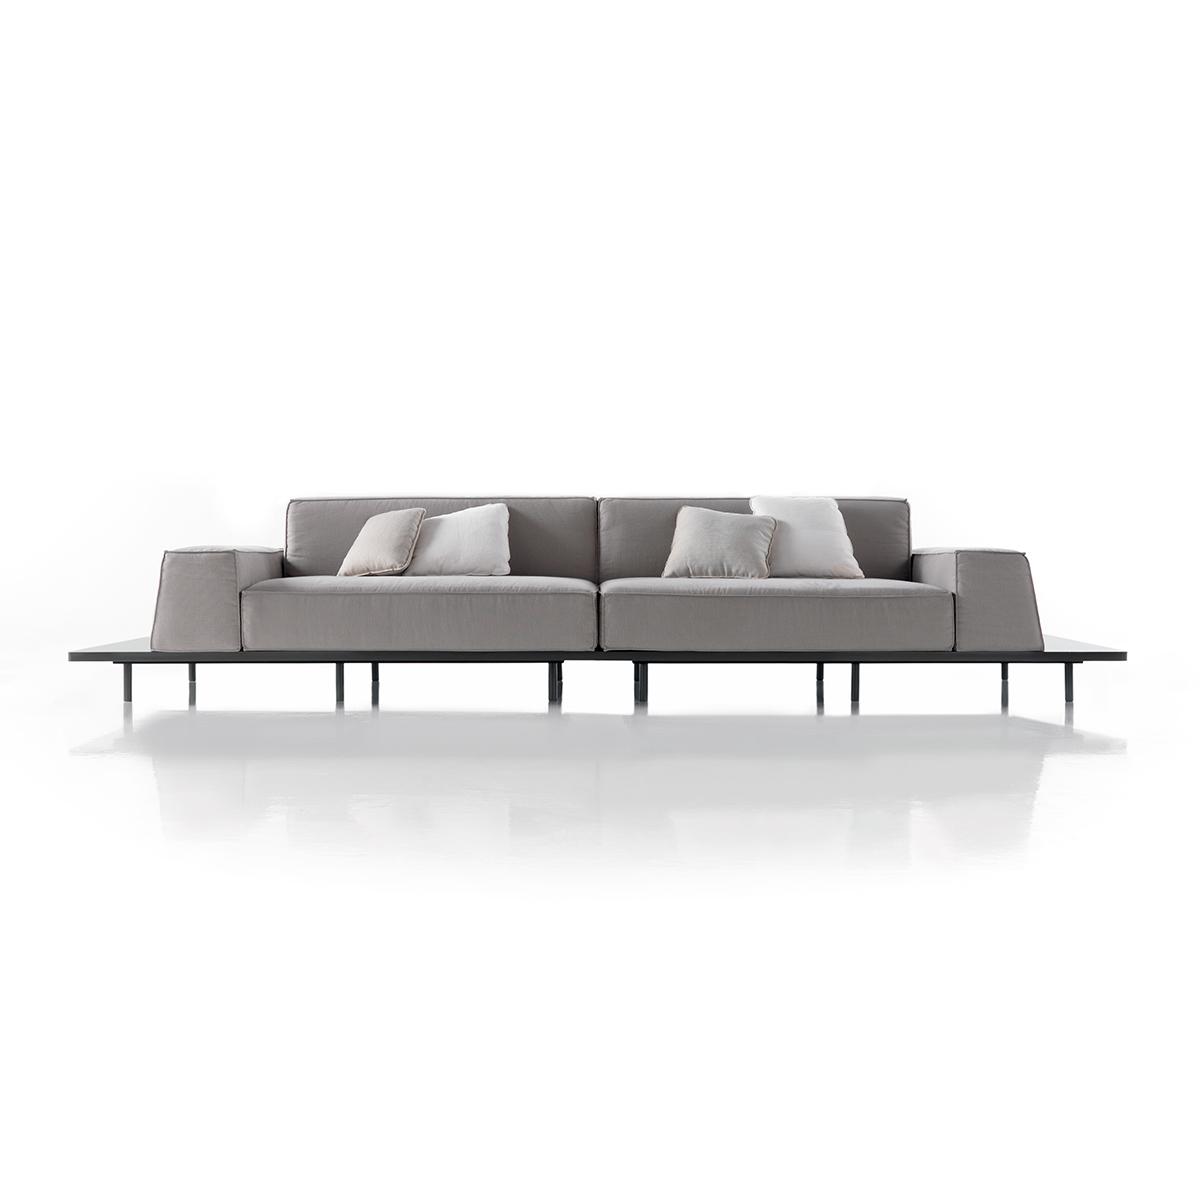 Modernūs minkšti svetainės baldai sofa Mus 8